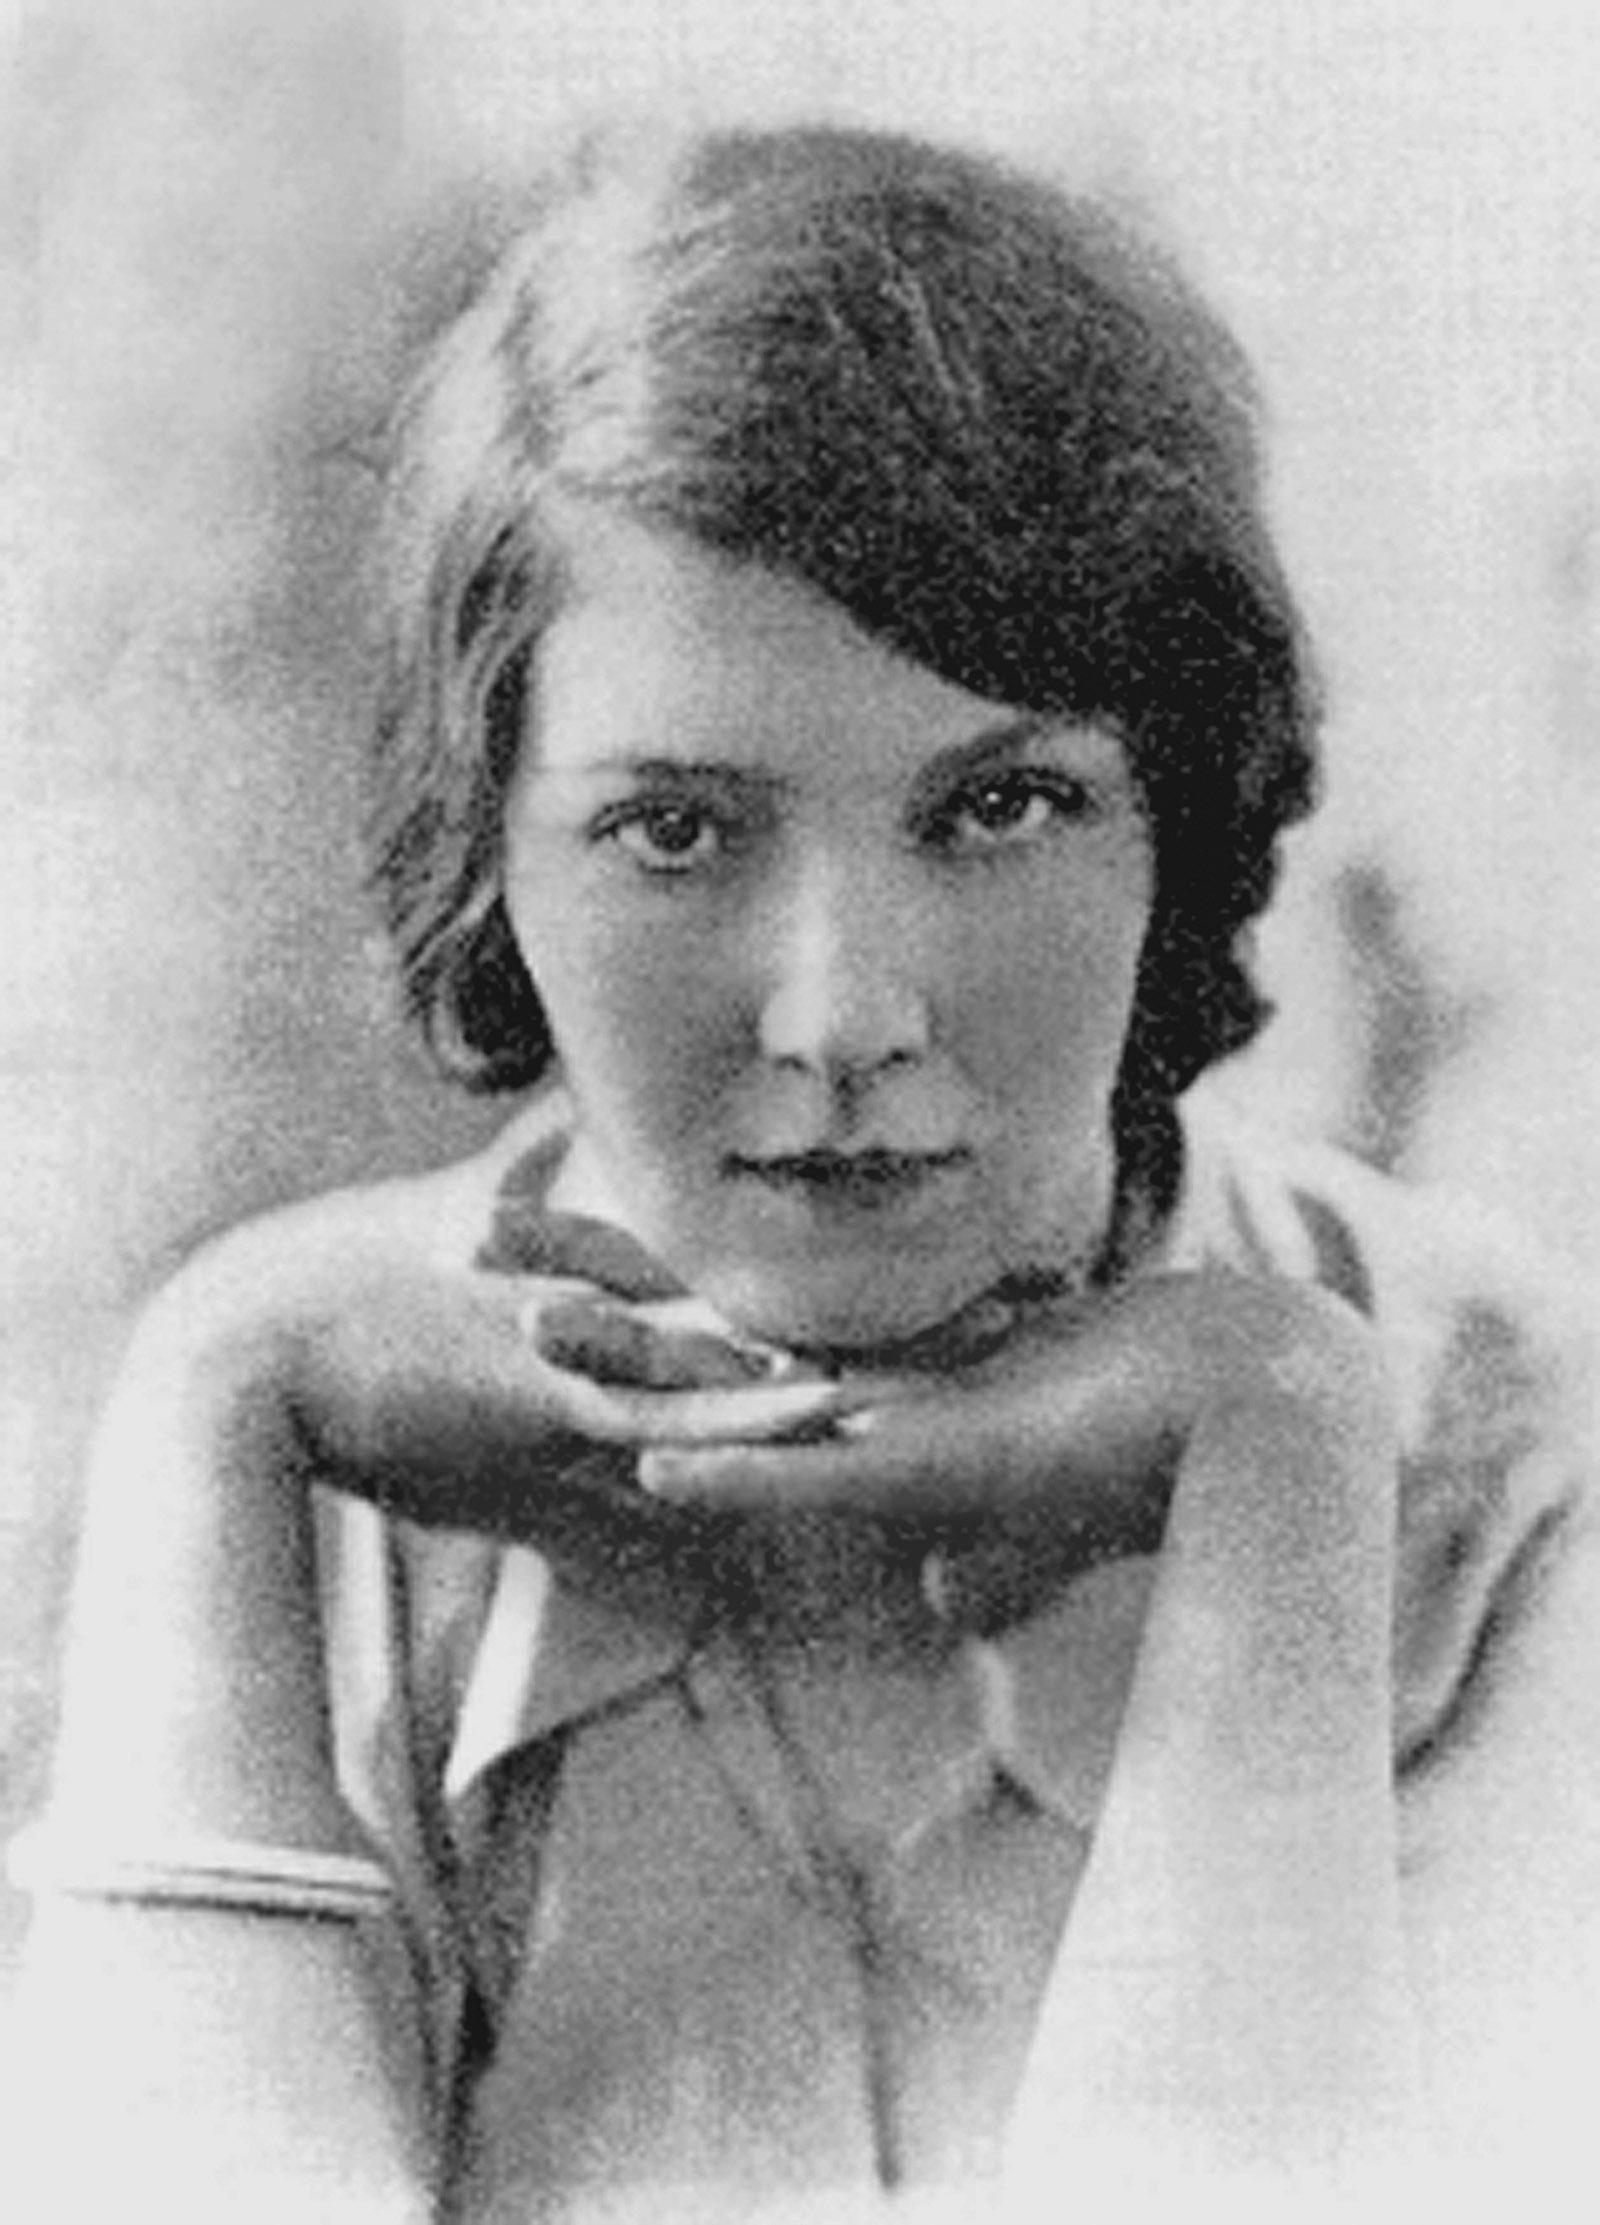 Jean Rhys, circa 1921